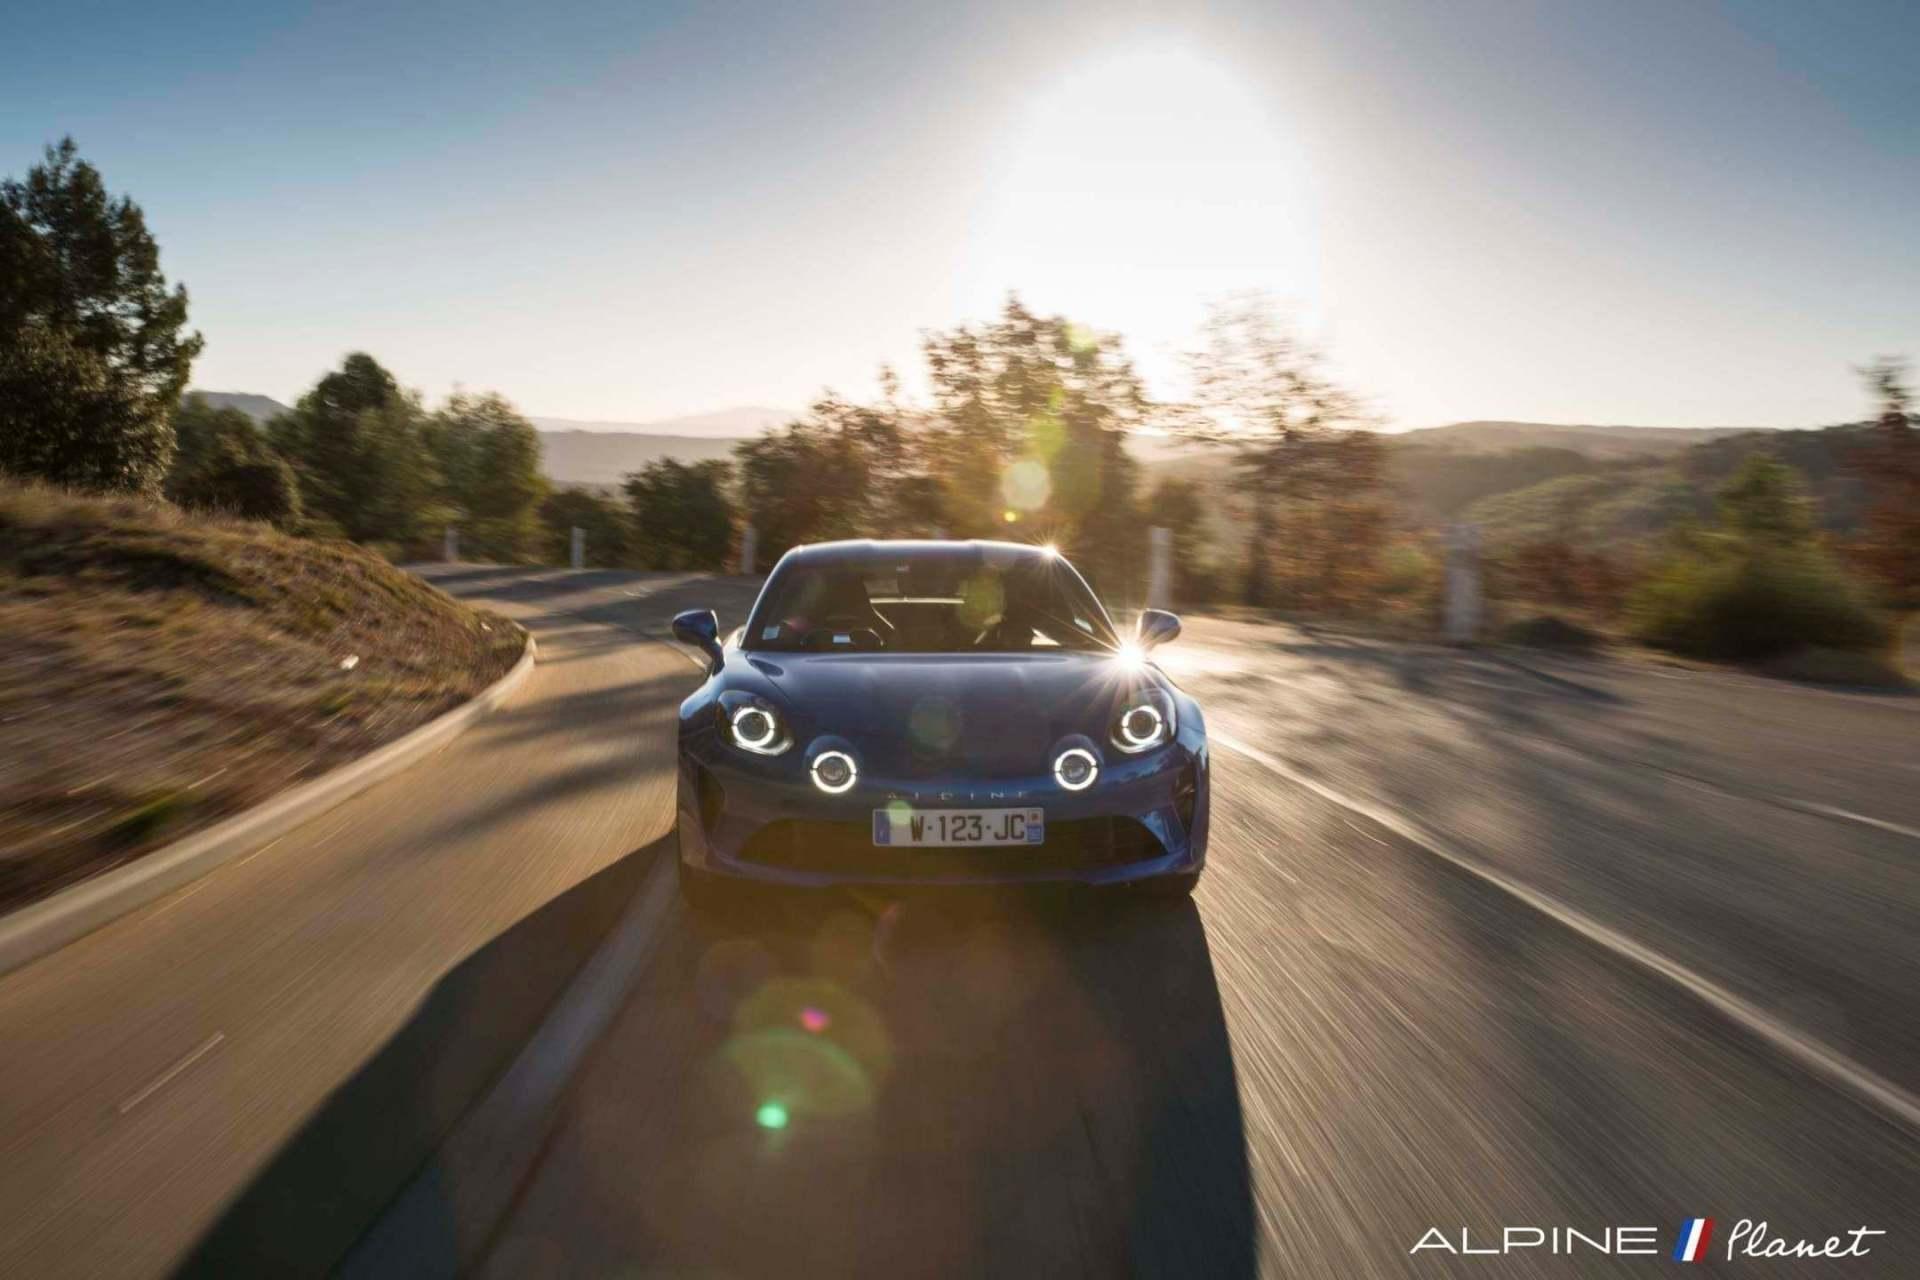 Notre essai de la nouvelle Alpine A110 sur route ! 25